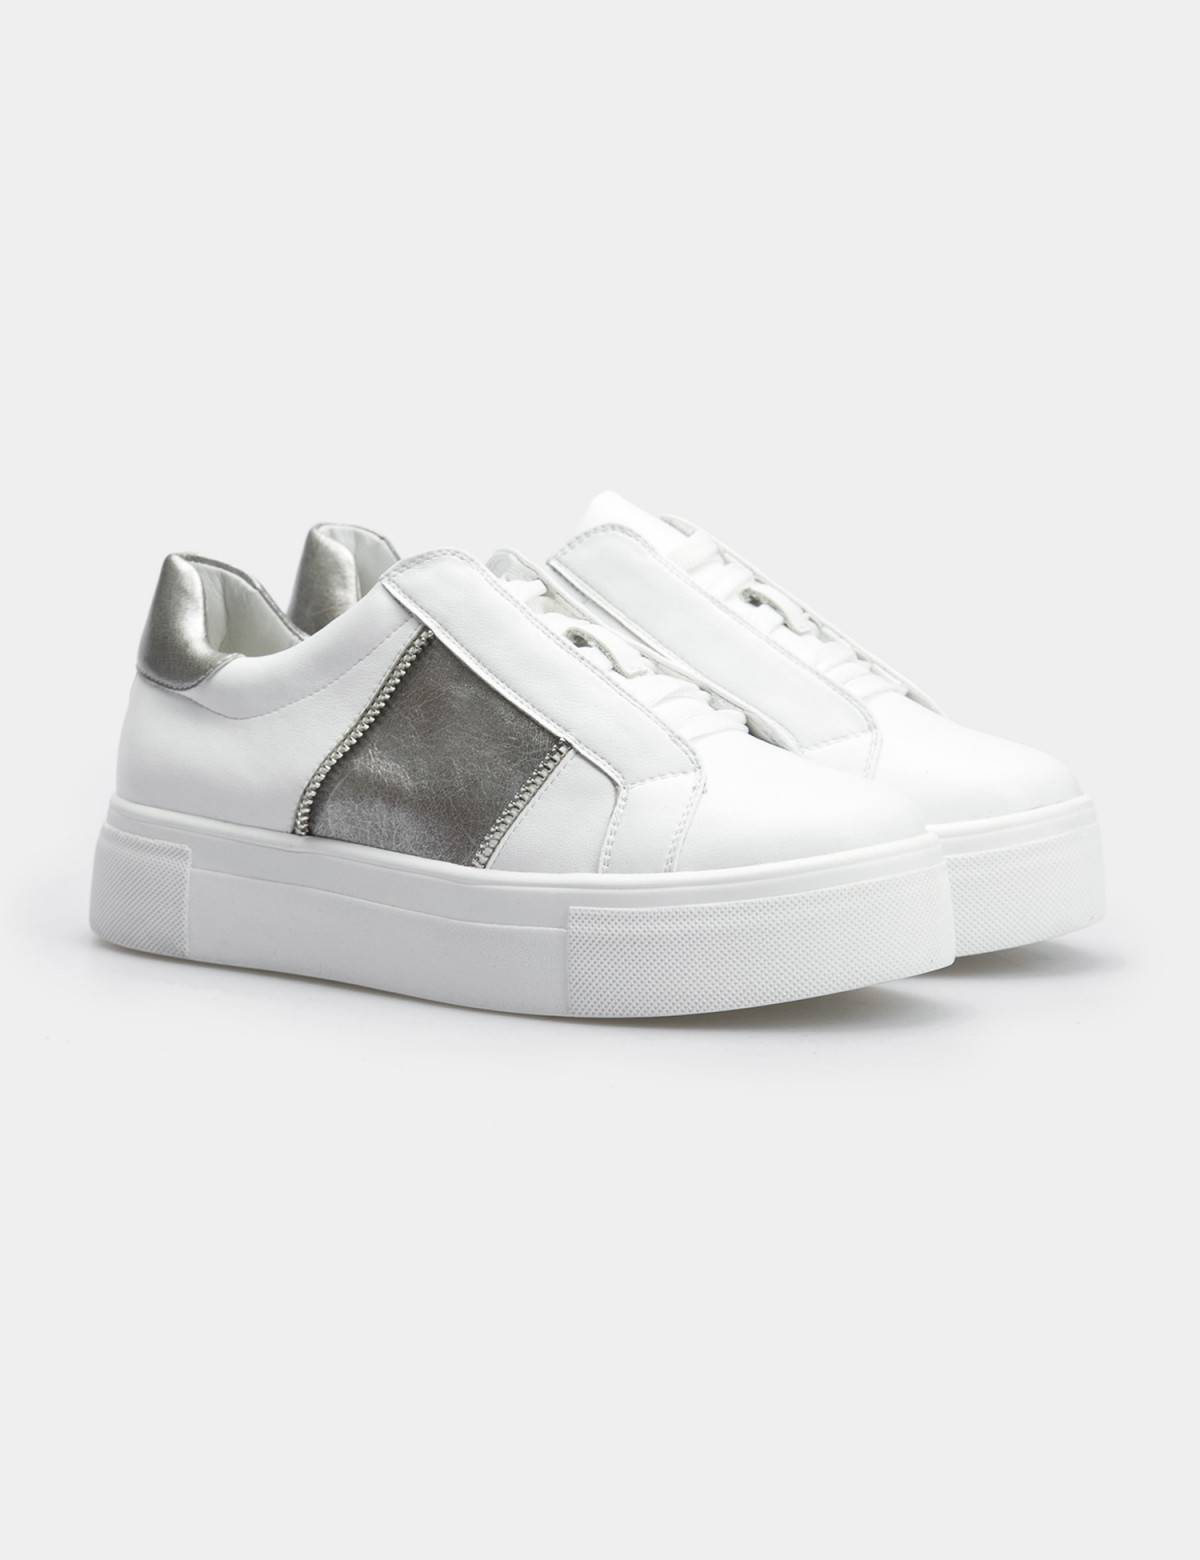 Кроссовки белые, натуральная кожа1